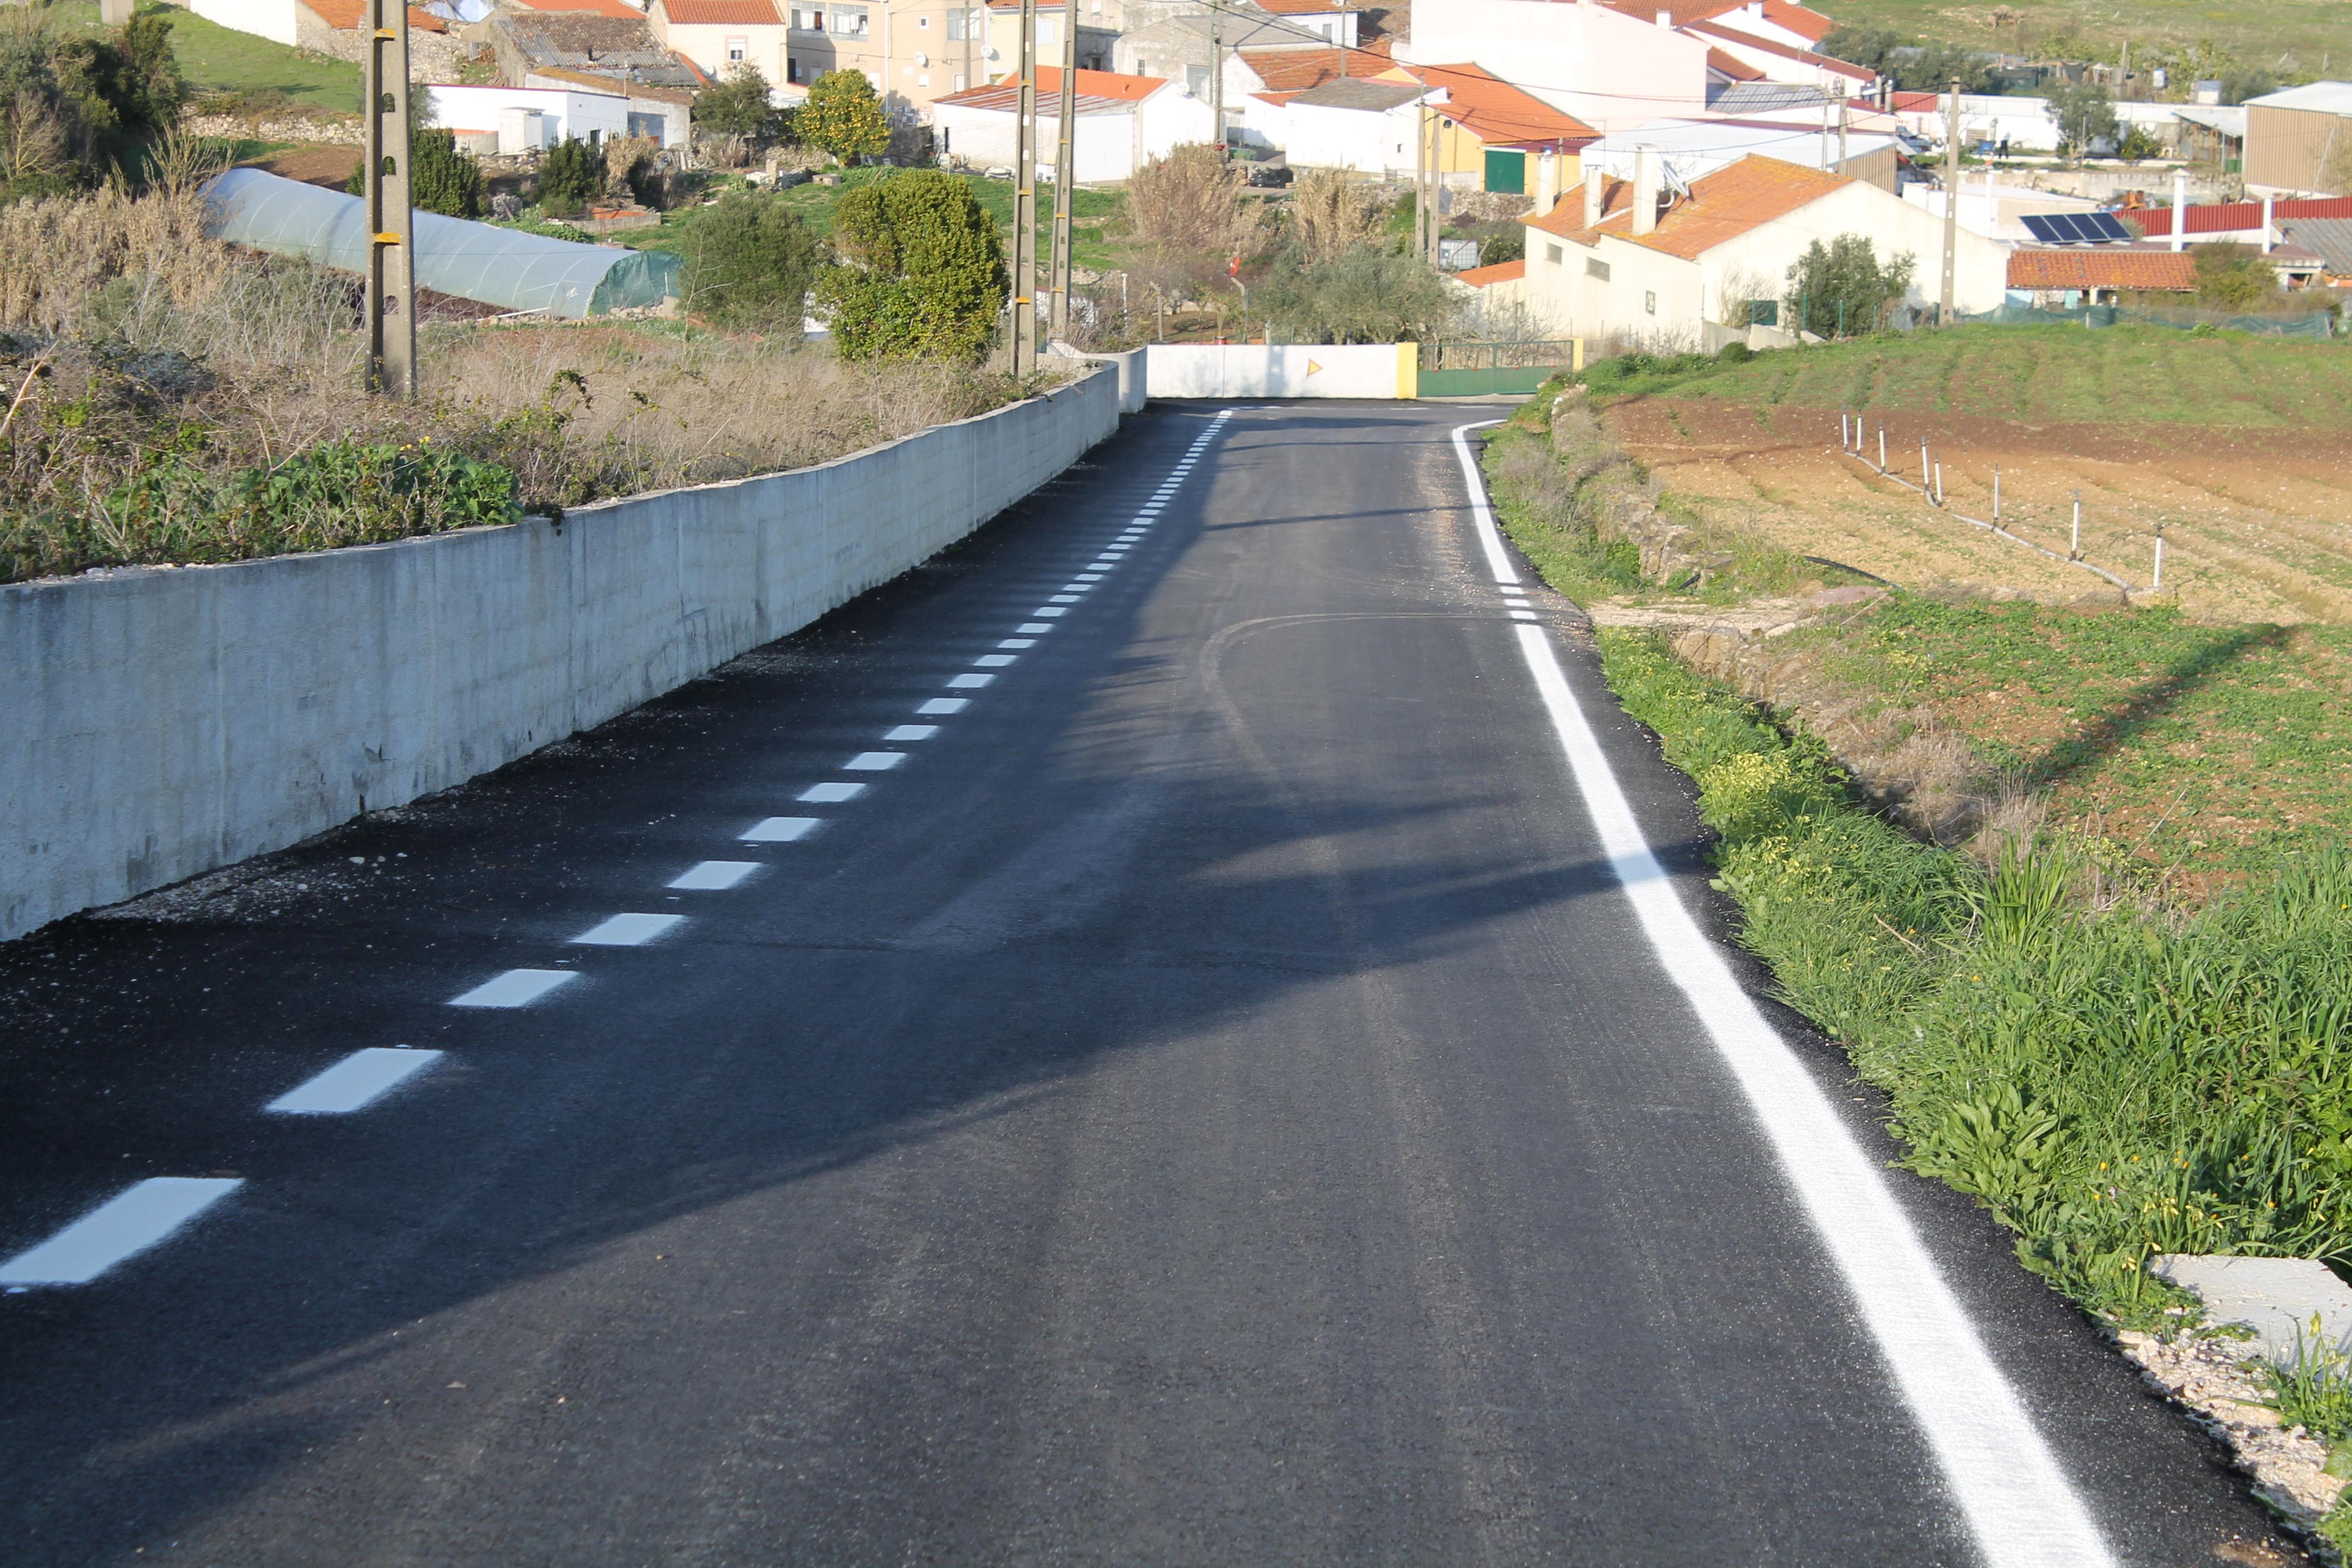 CASAINHOS -(c) Aumentamos a Segurança – Marcação de guias horizontais na Estrada das Hortas, Casainhos, EM 541 Casainhos-Fanhões e Estrada da Torre-EM 341.